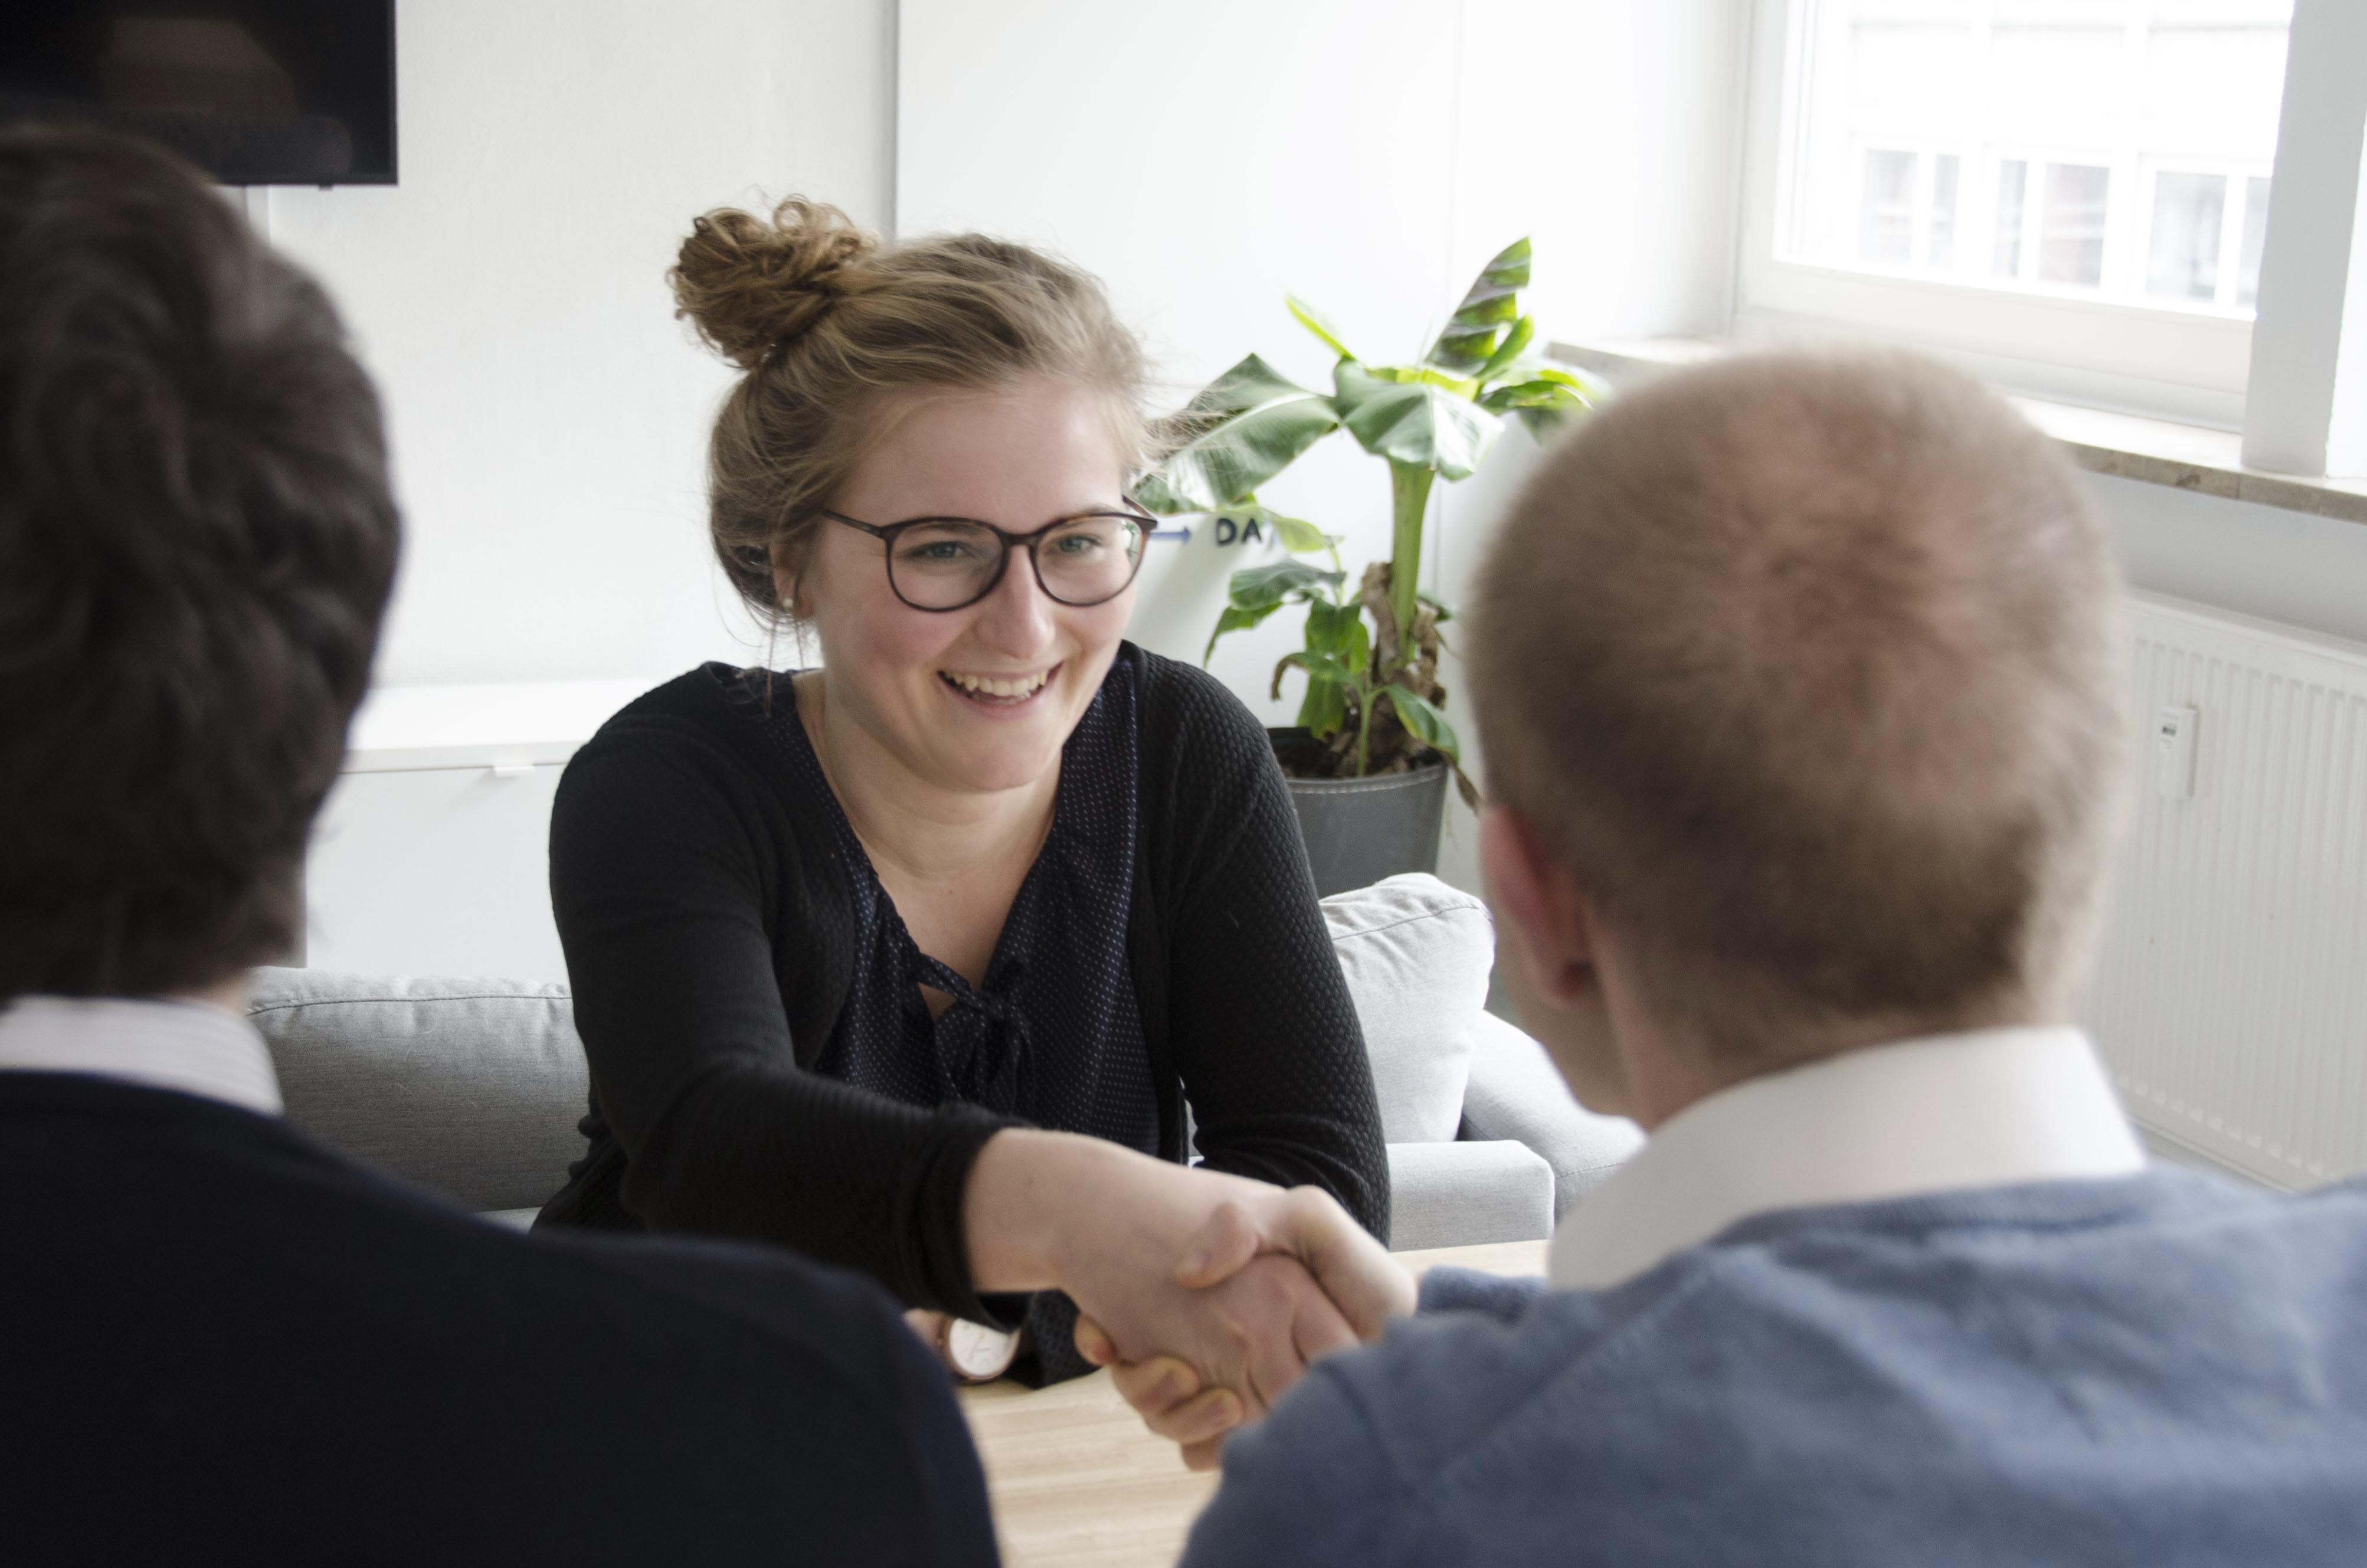 Bewerbungsgespräch in einem Startup